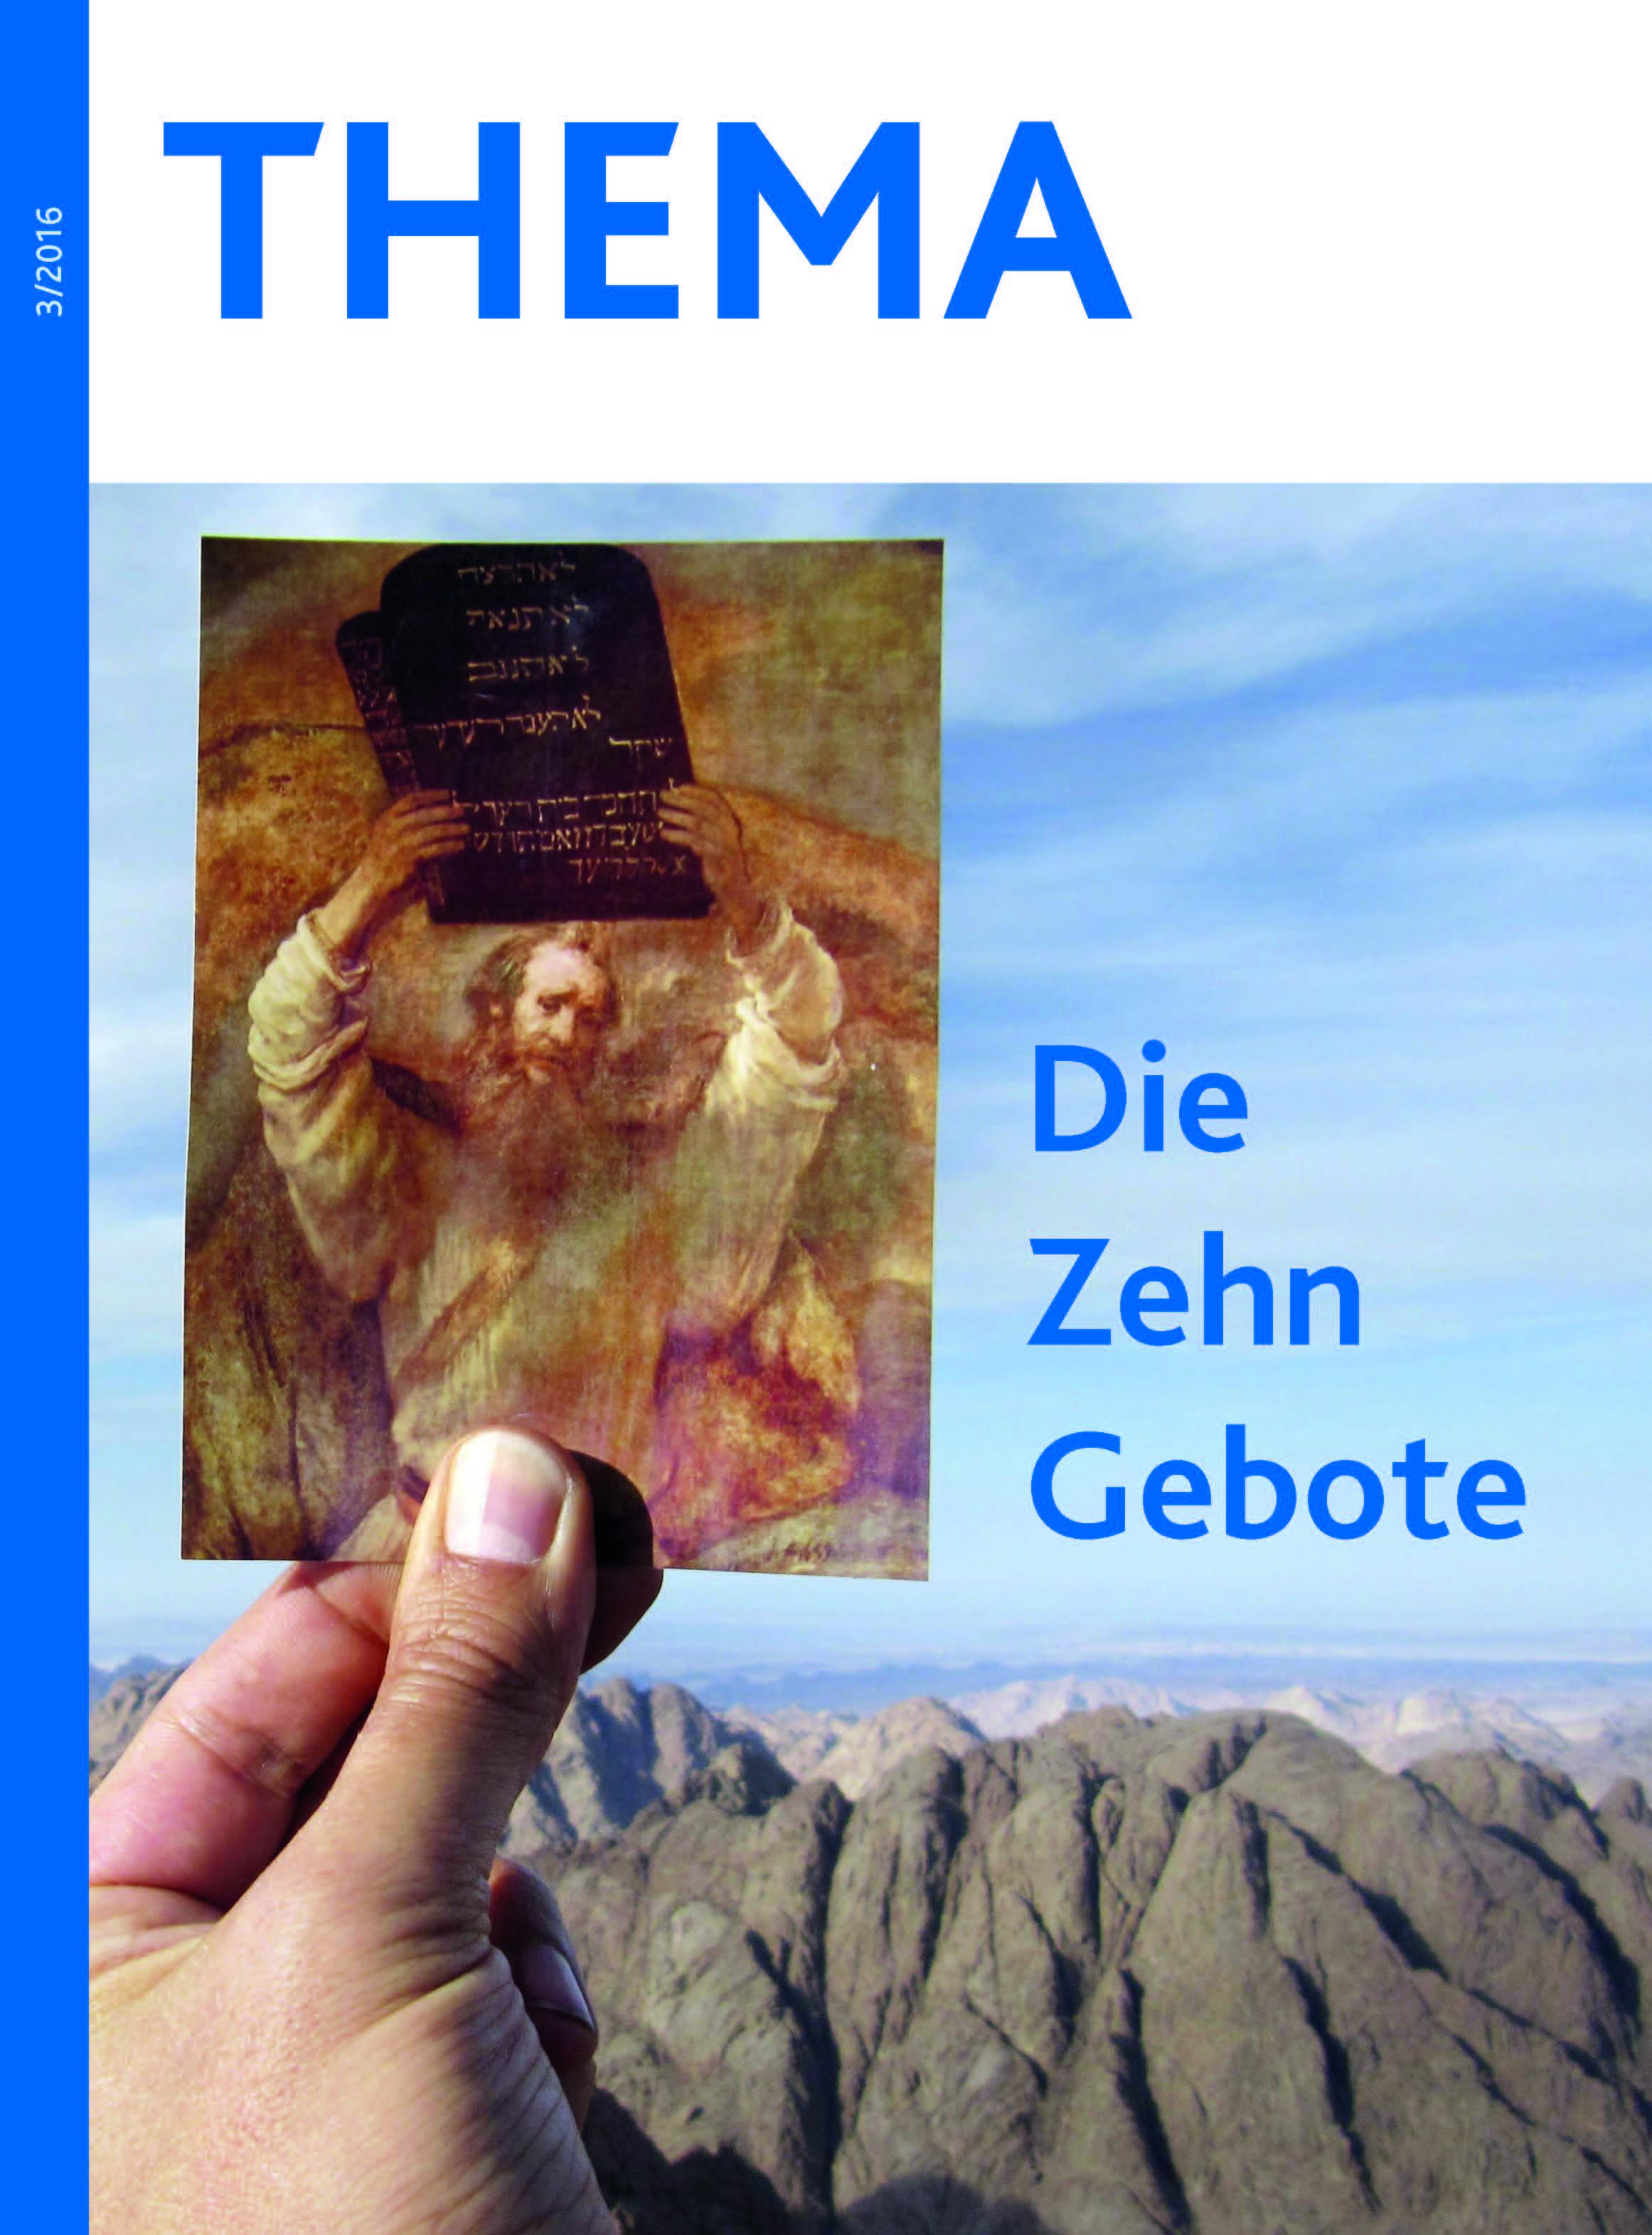 THEMA Zehn Gebote Heft